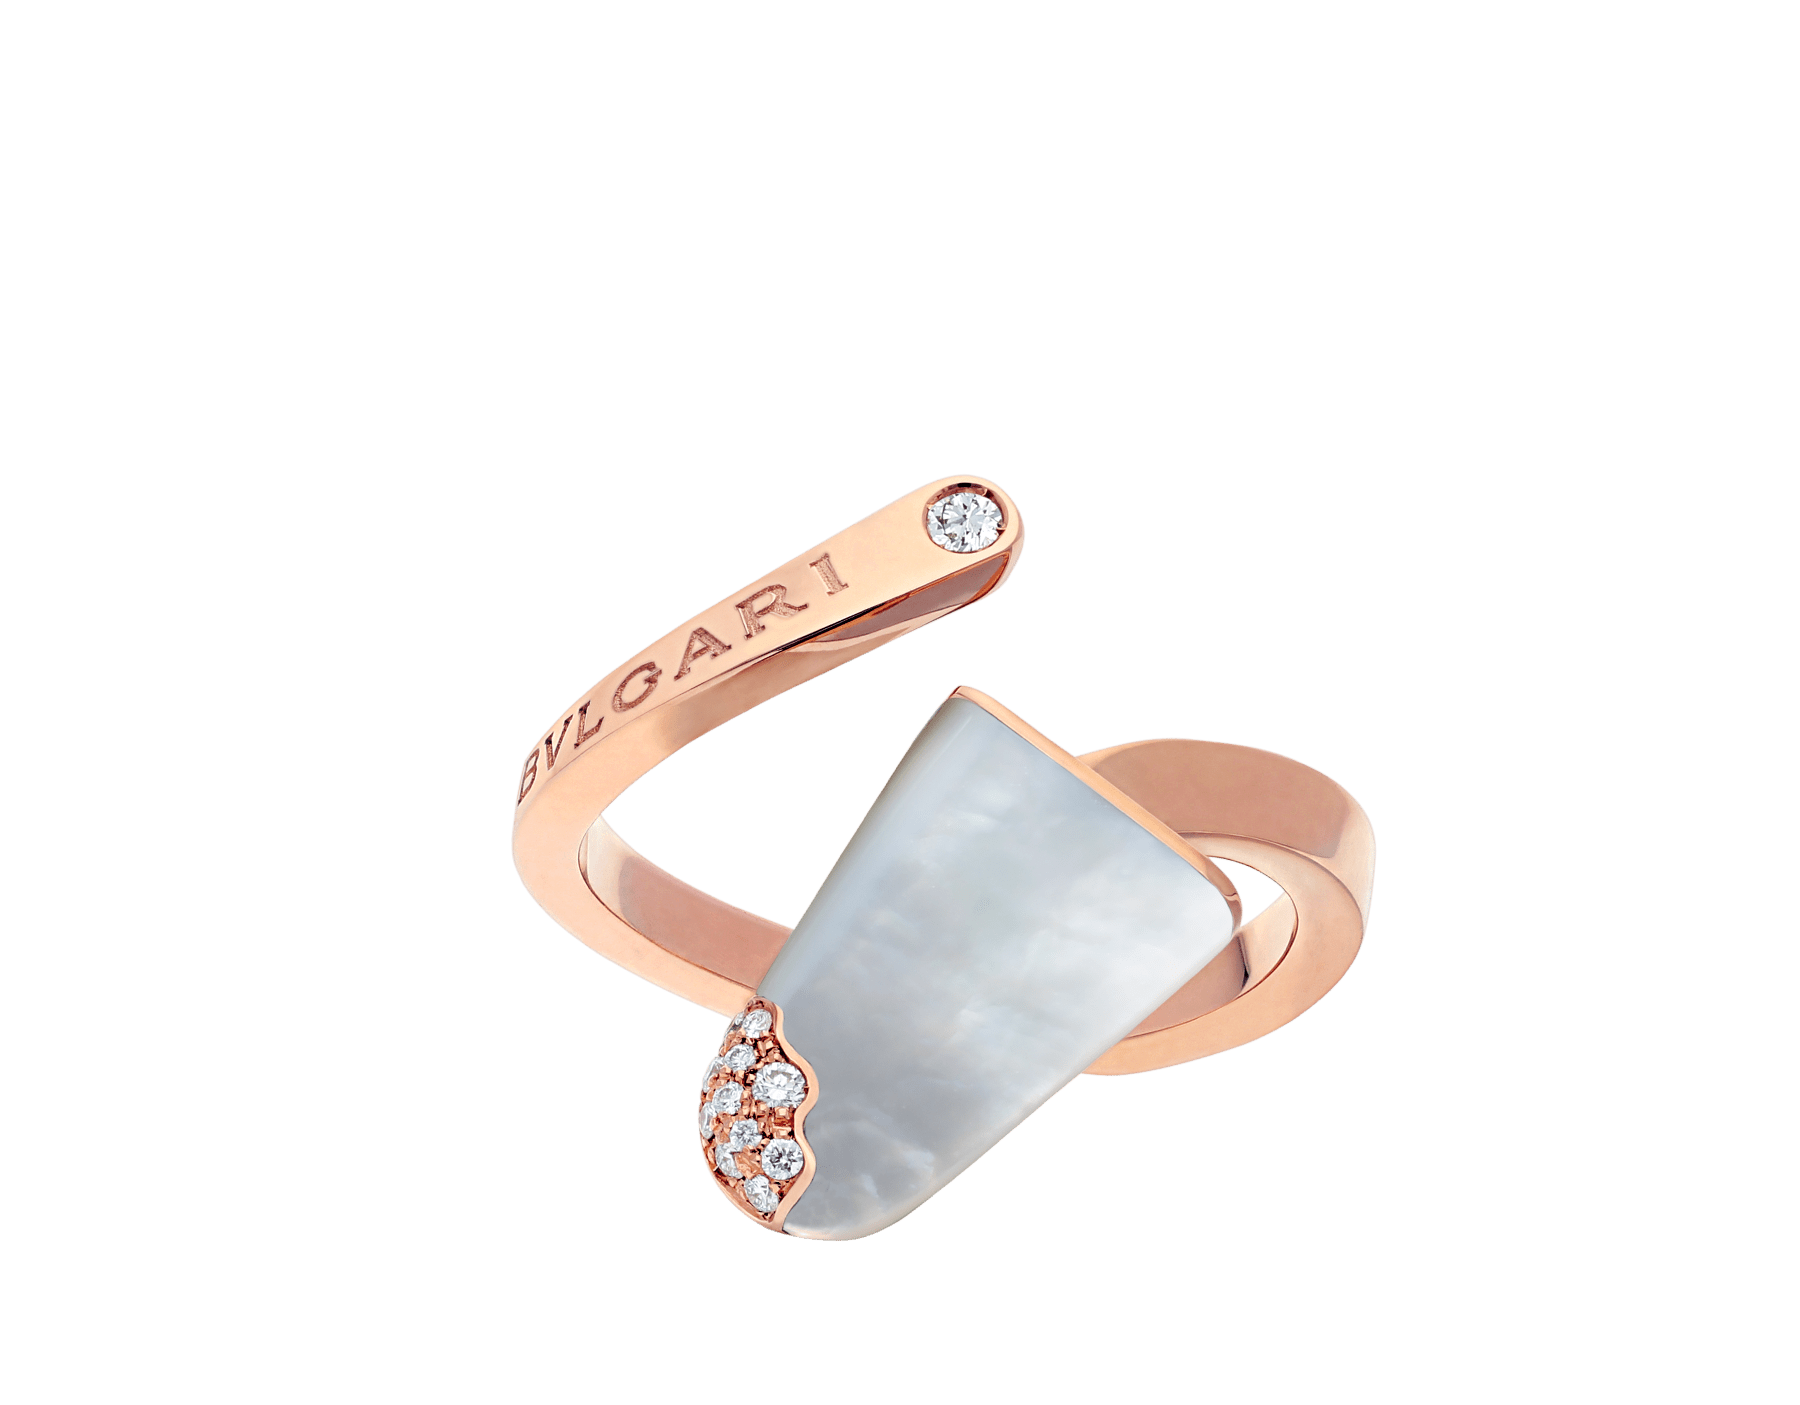 BVLGARI BVLGARI系列戒指,18K玫瑰金材质,镶嵌珍珠母贝,饰以密镶钻石 AN858014 image 1